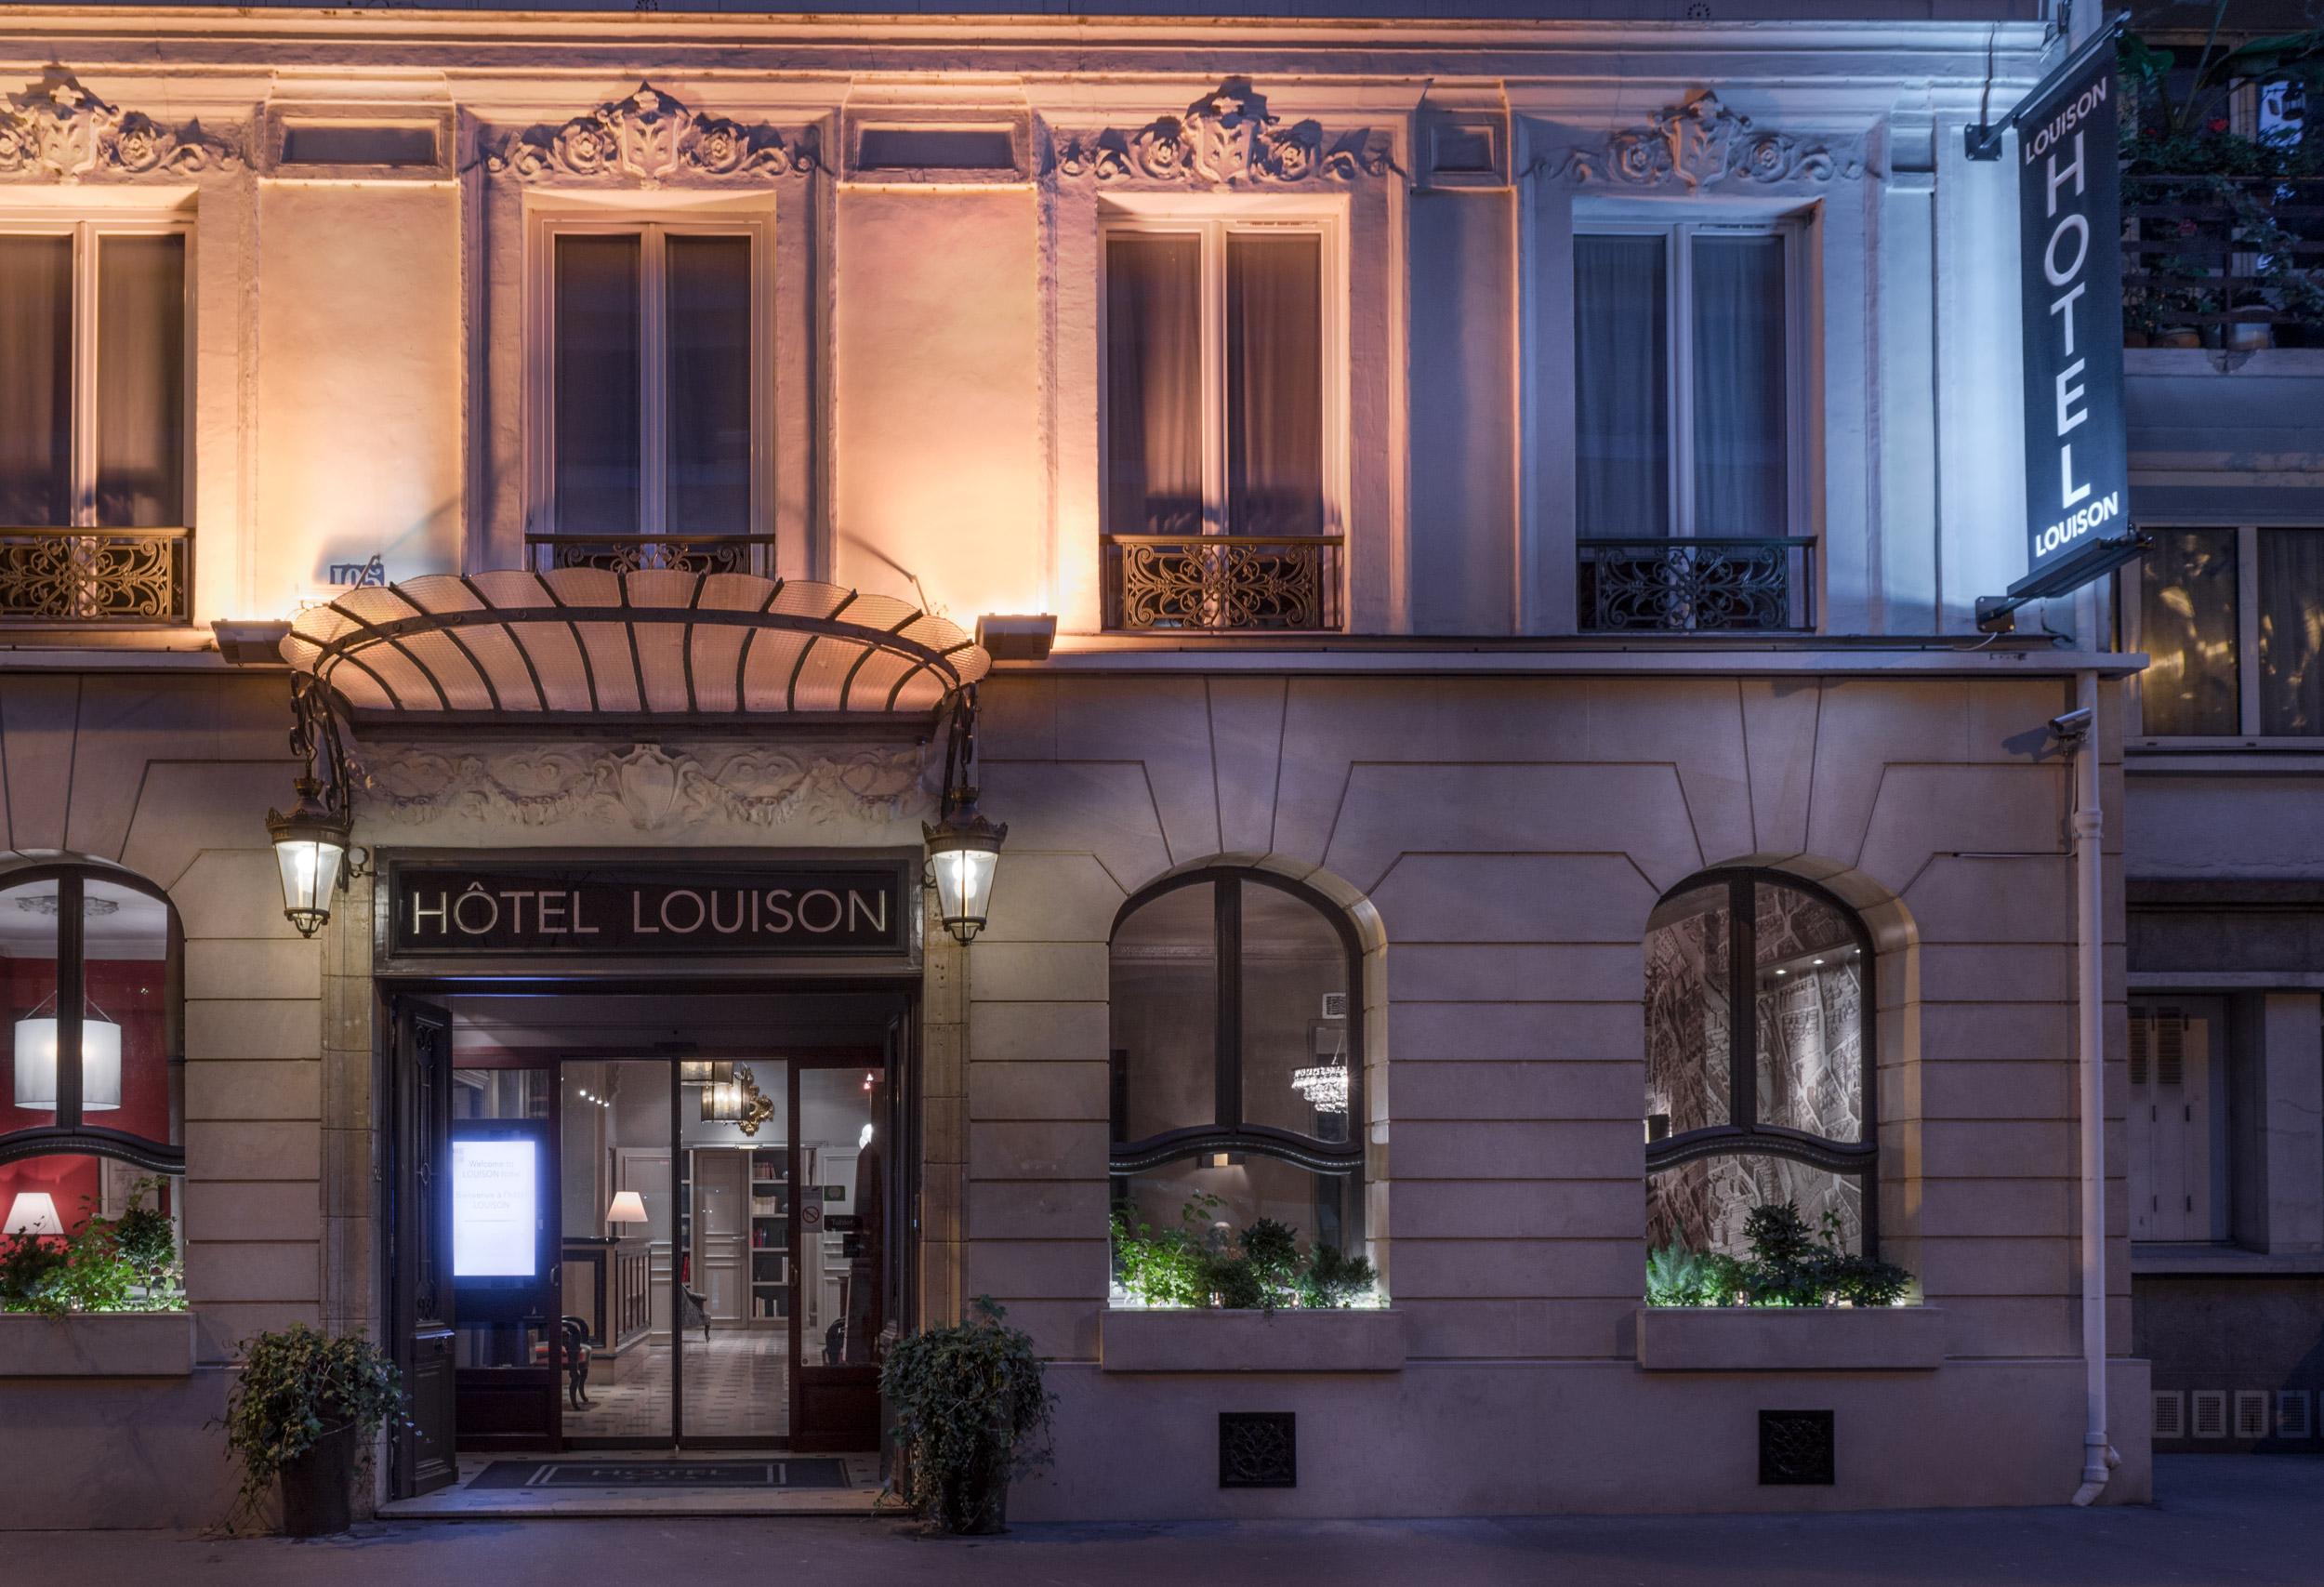 Hotel De La Paix Montparnasse Hotel Louison Paris Transat